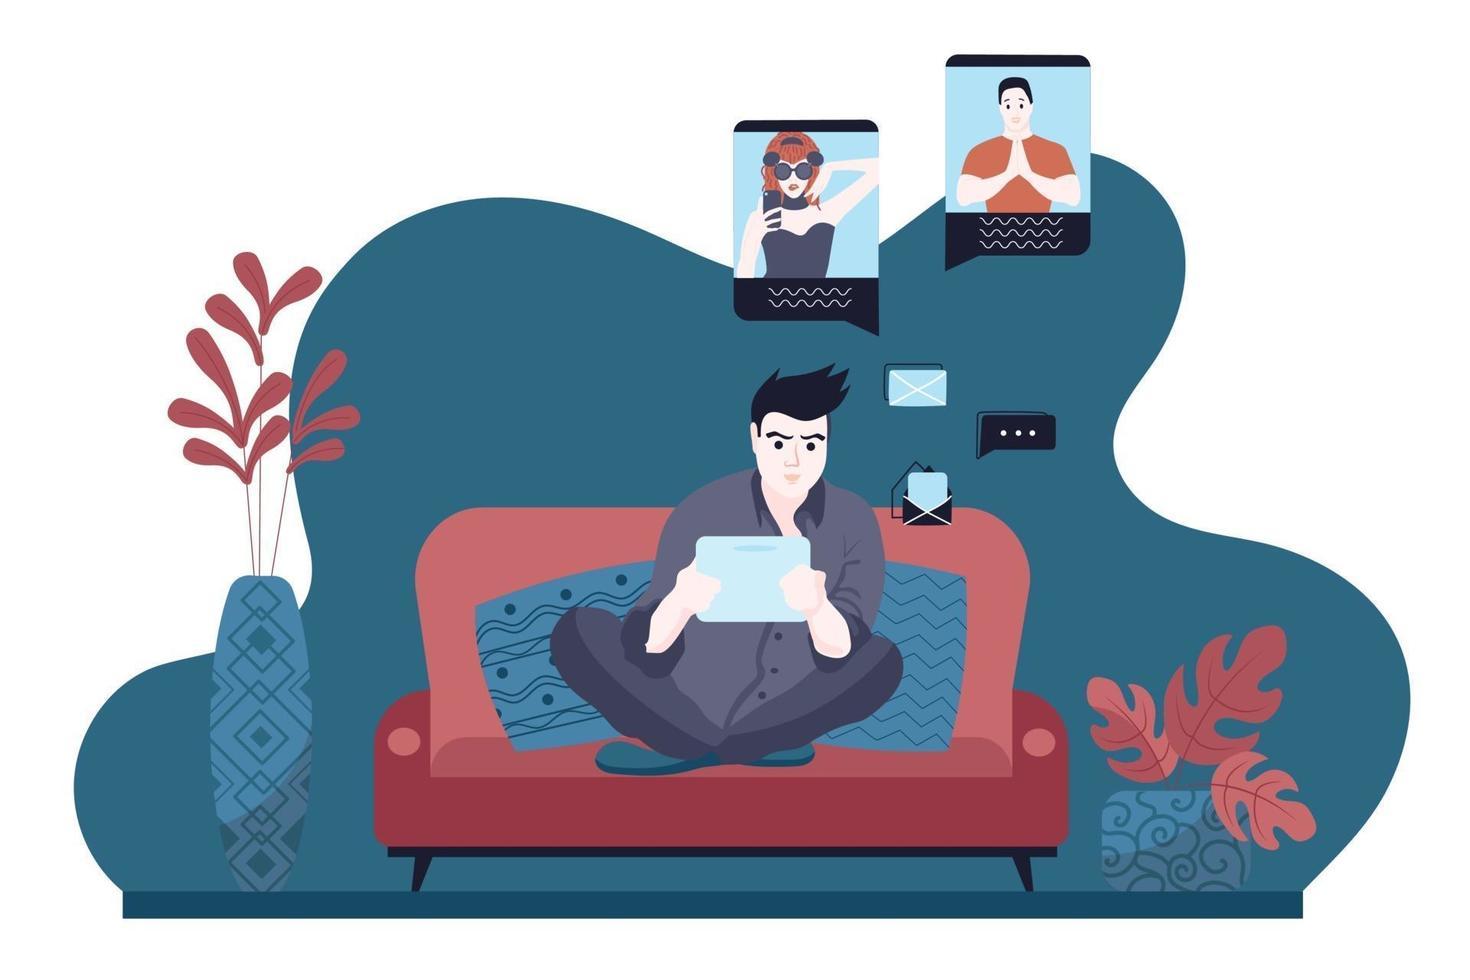 een jonge man zit op de bank en communiceert op sociale netwerken met vrienden op een tablet. wintervakantie, online tijd thuis doorbrengen. vector illustratie